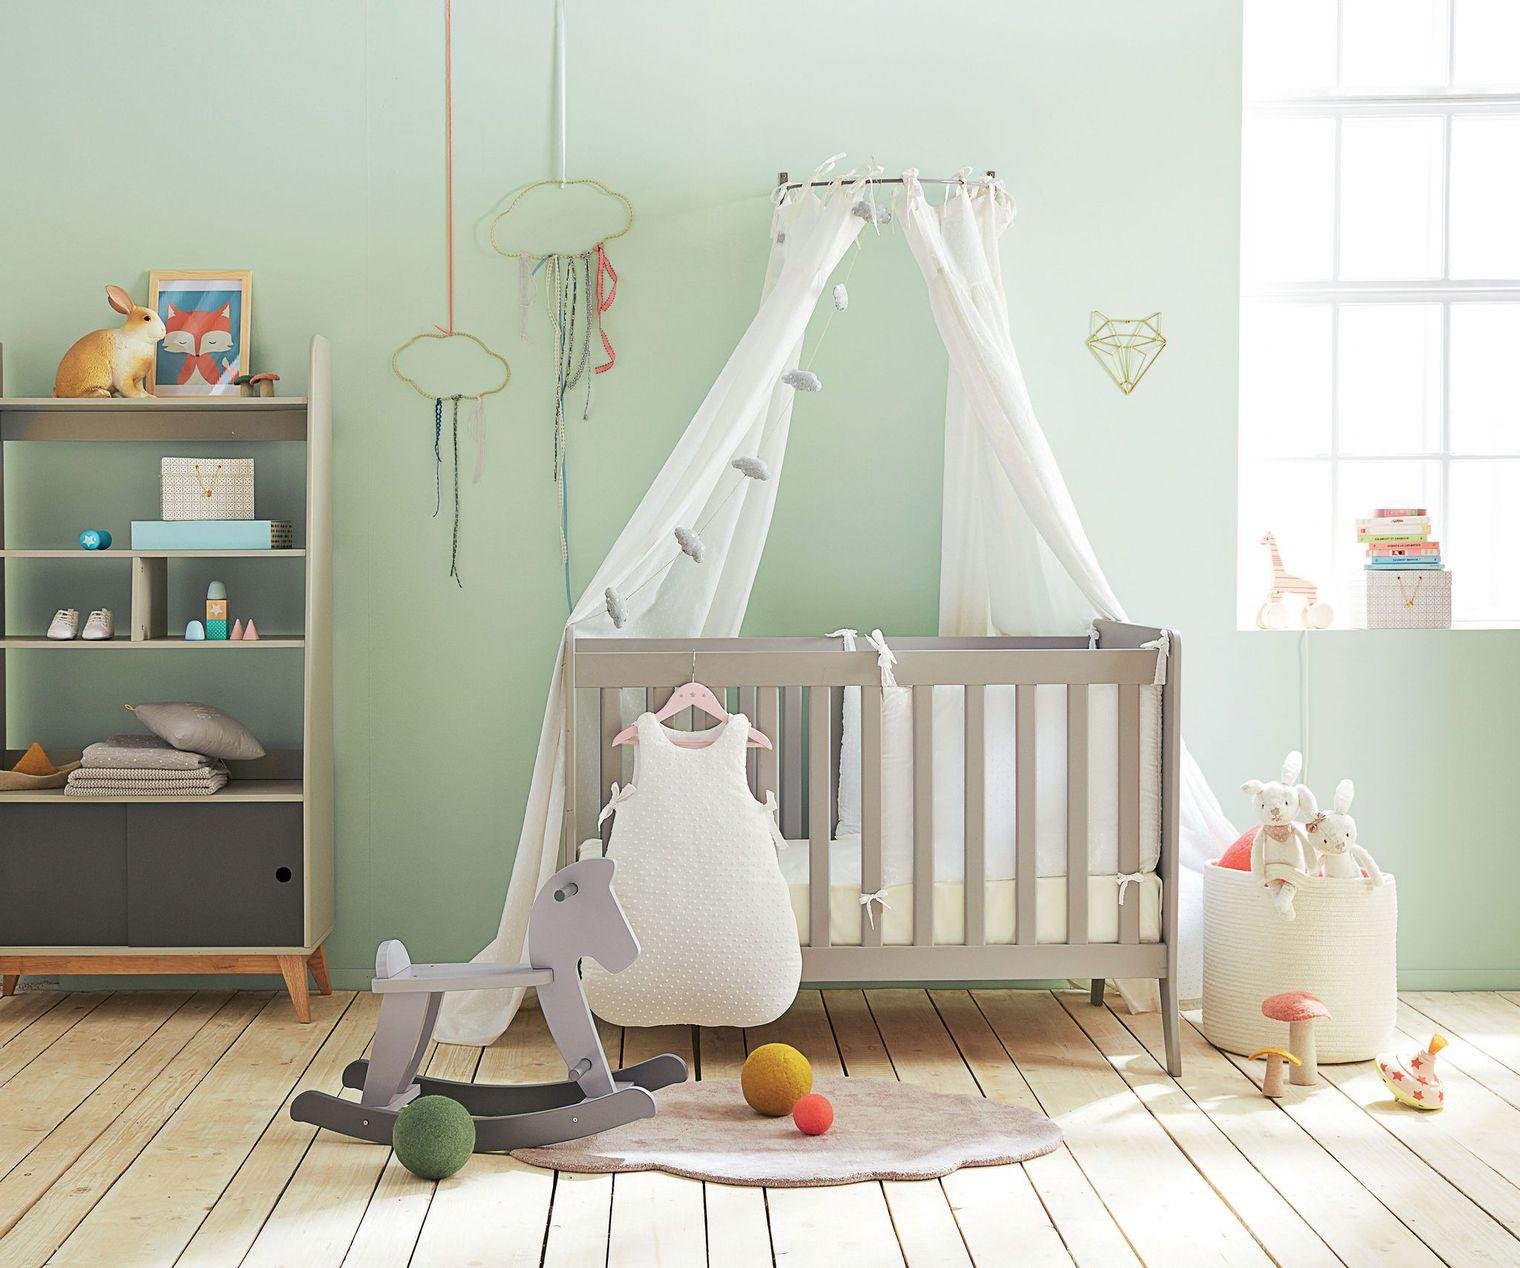 5 id es de d corations pour la chambre de votre b b le - La chambre de bebe ...